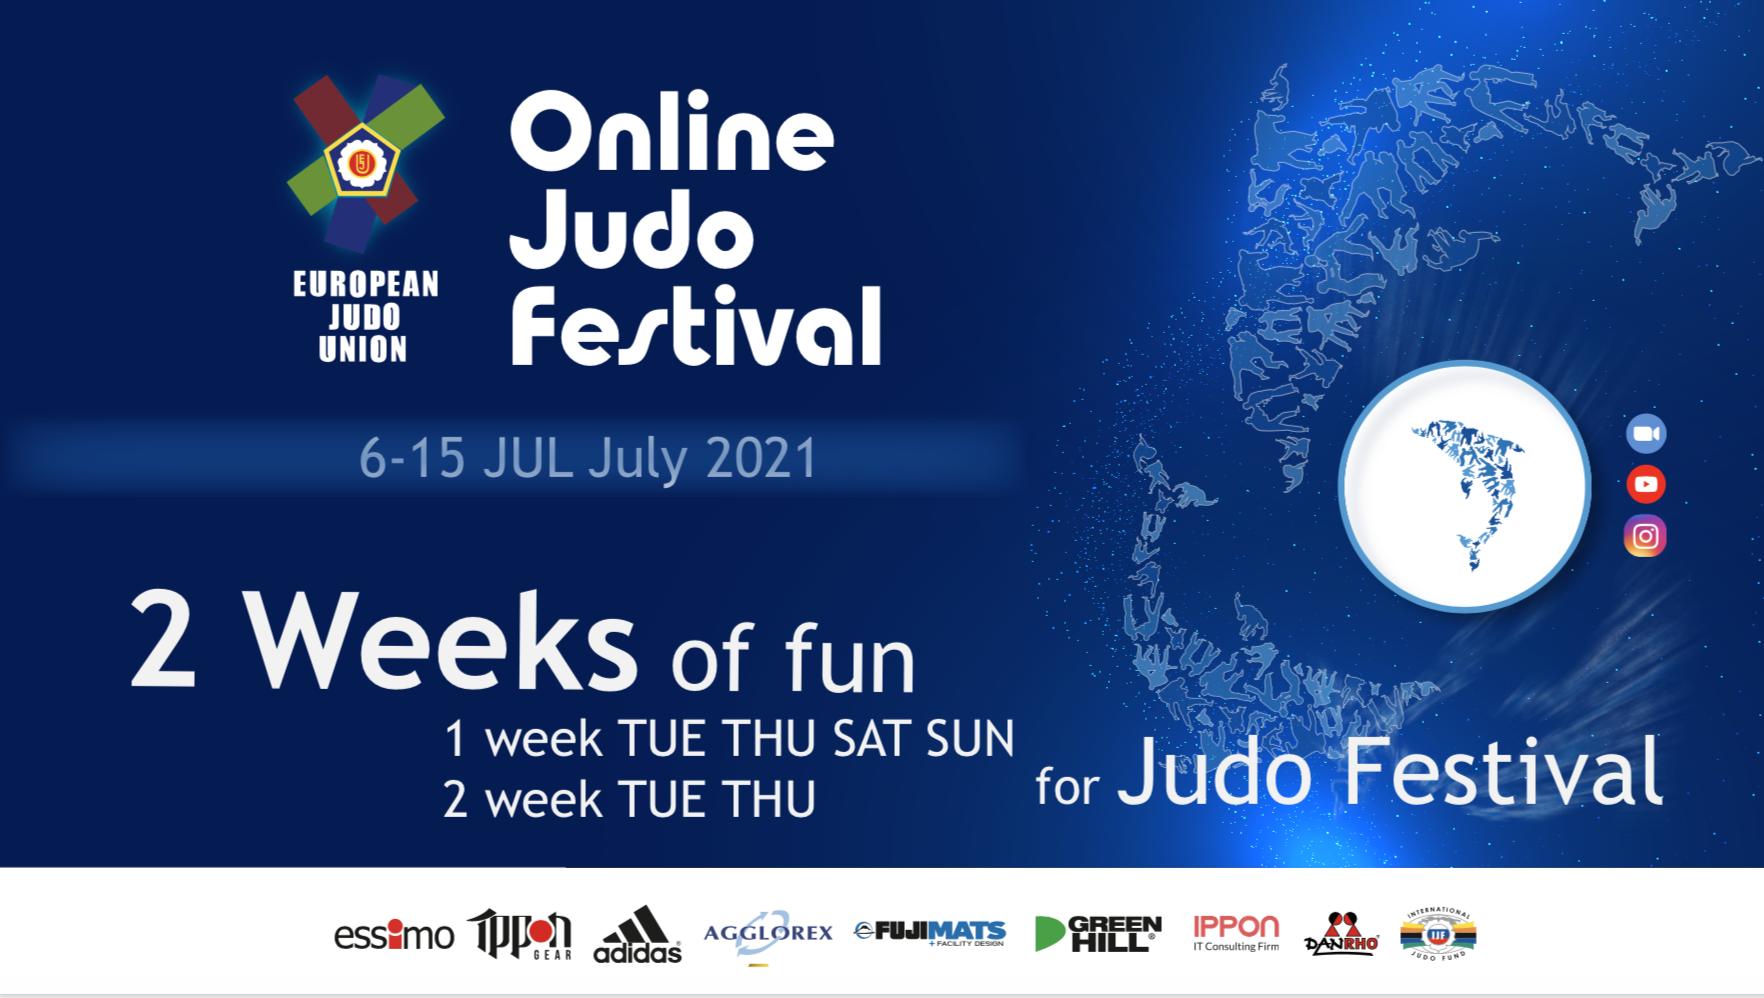 JUDO FESTIVAL 2021 COMES TO A CLOSE